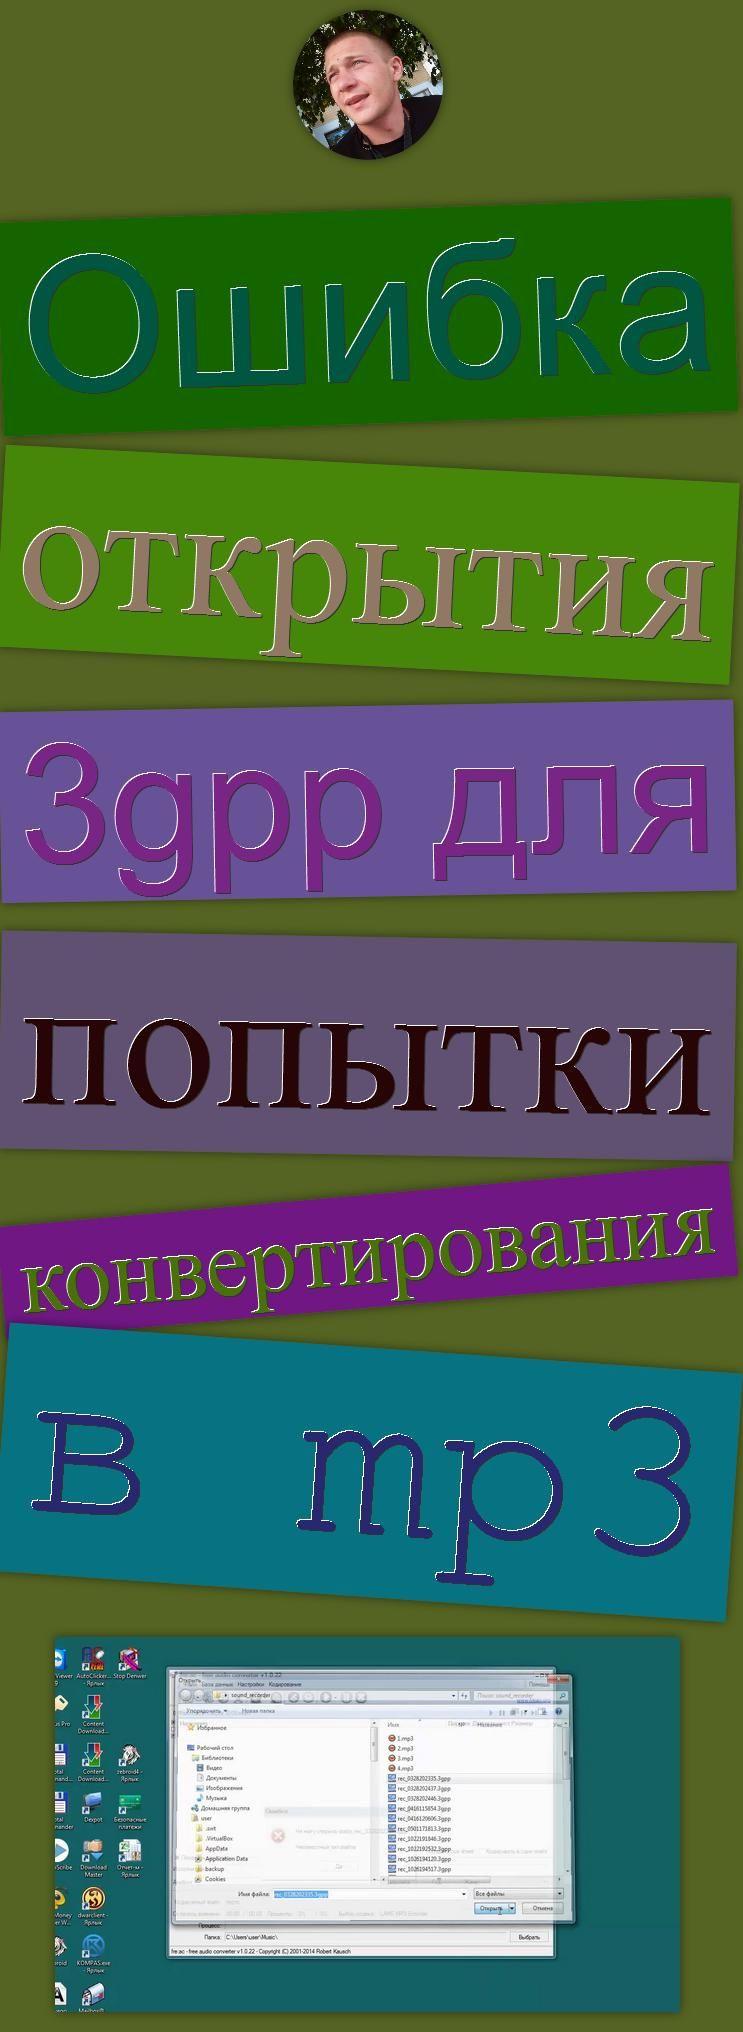 Информационный портал специальных библиотек для слепых